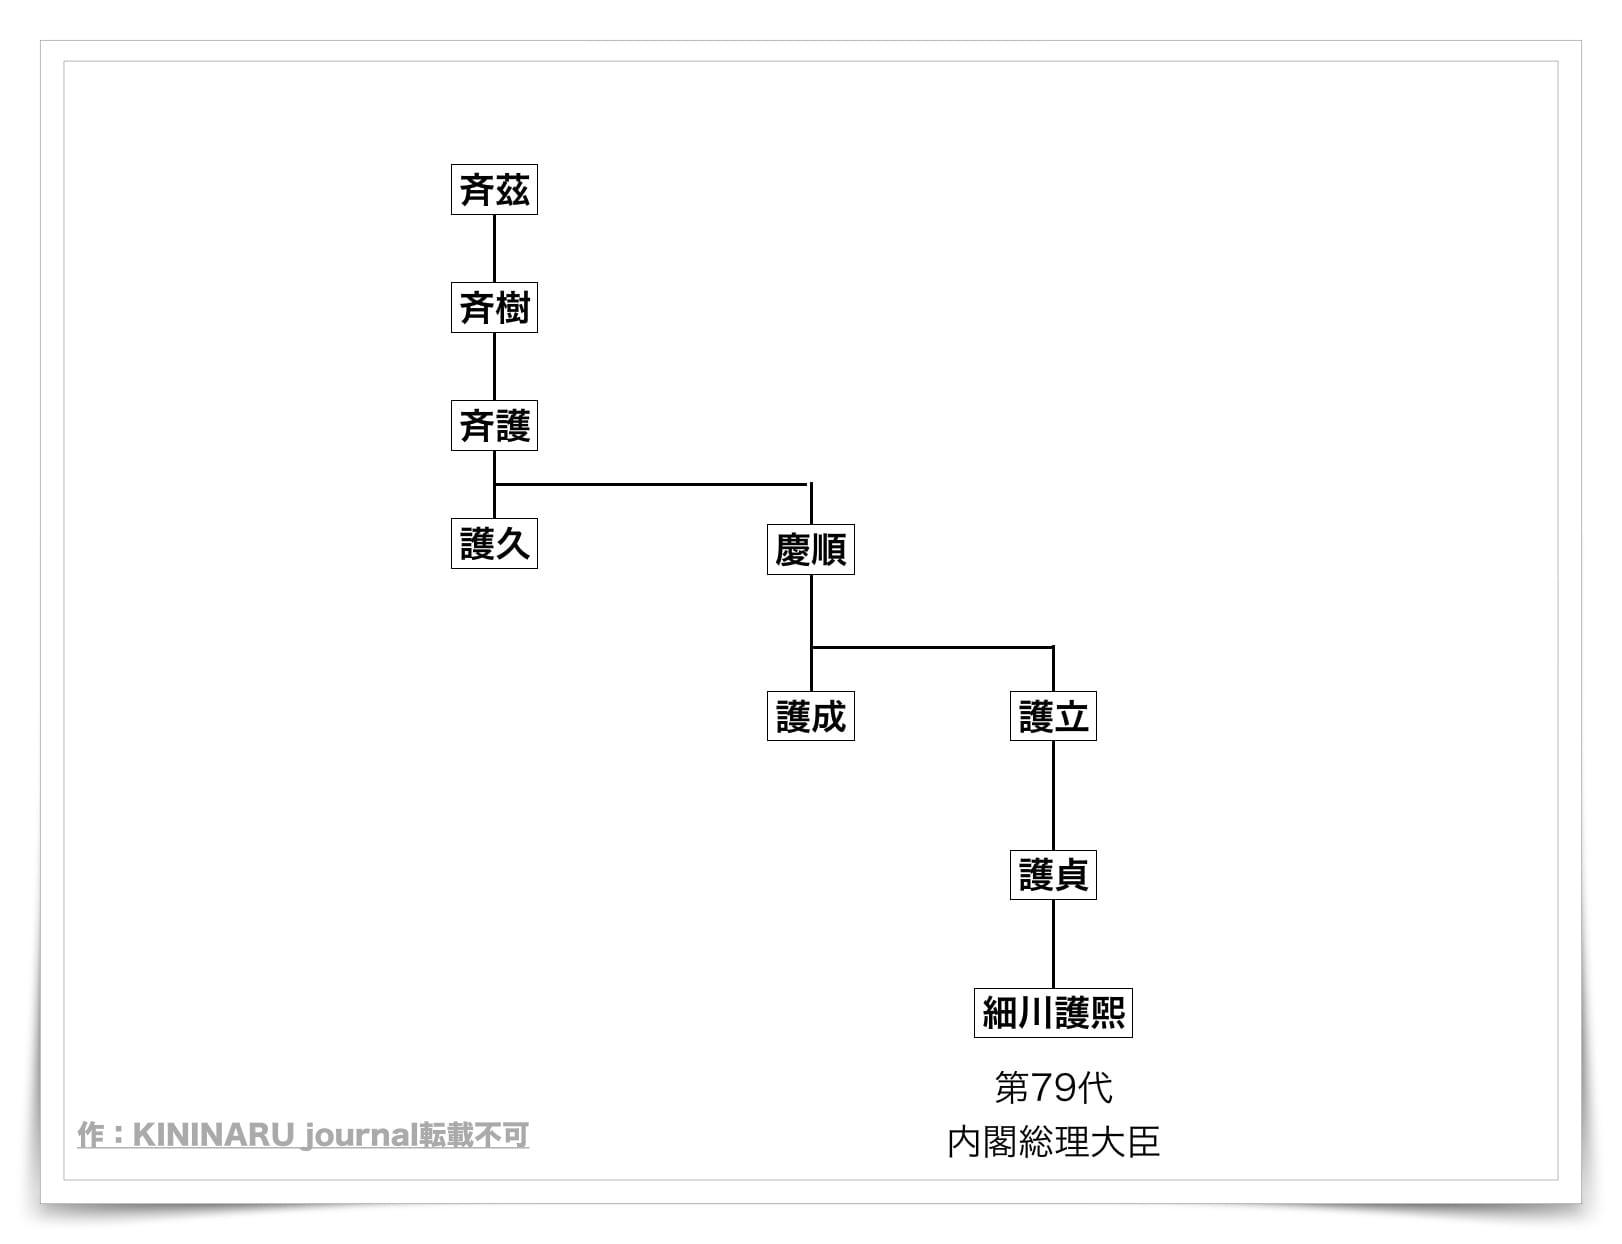 細川ガラシャの家系図